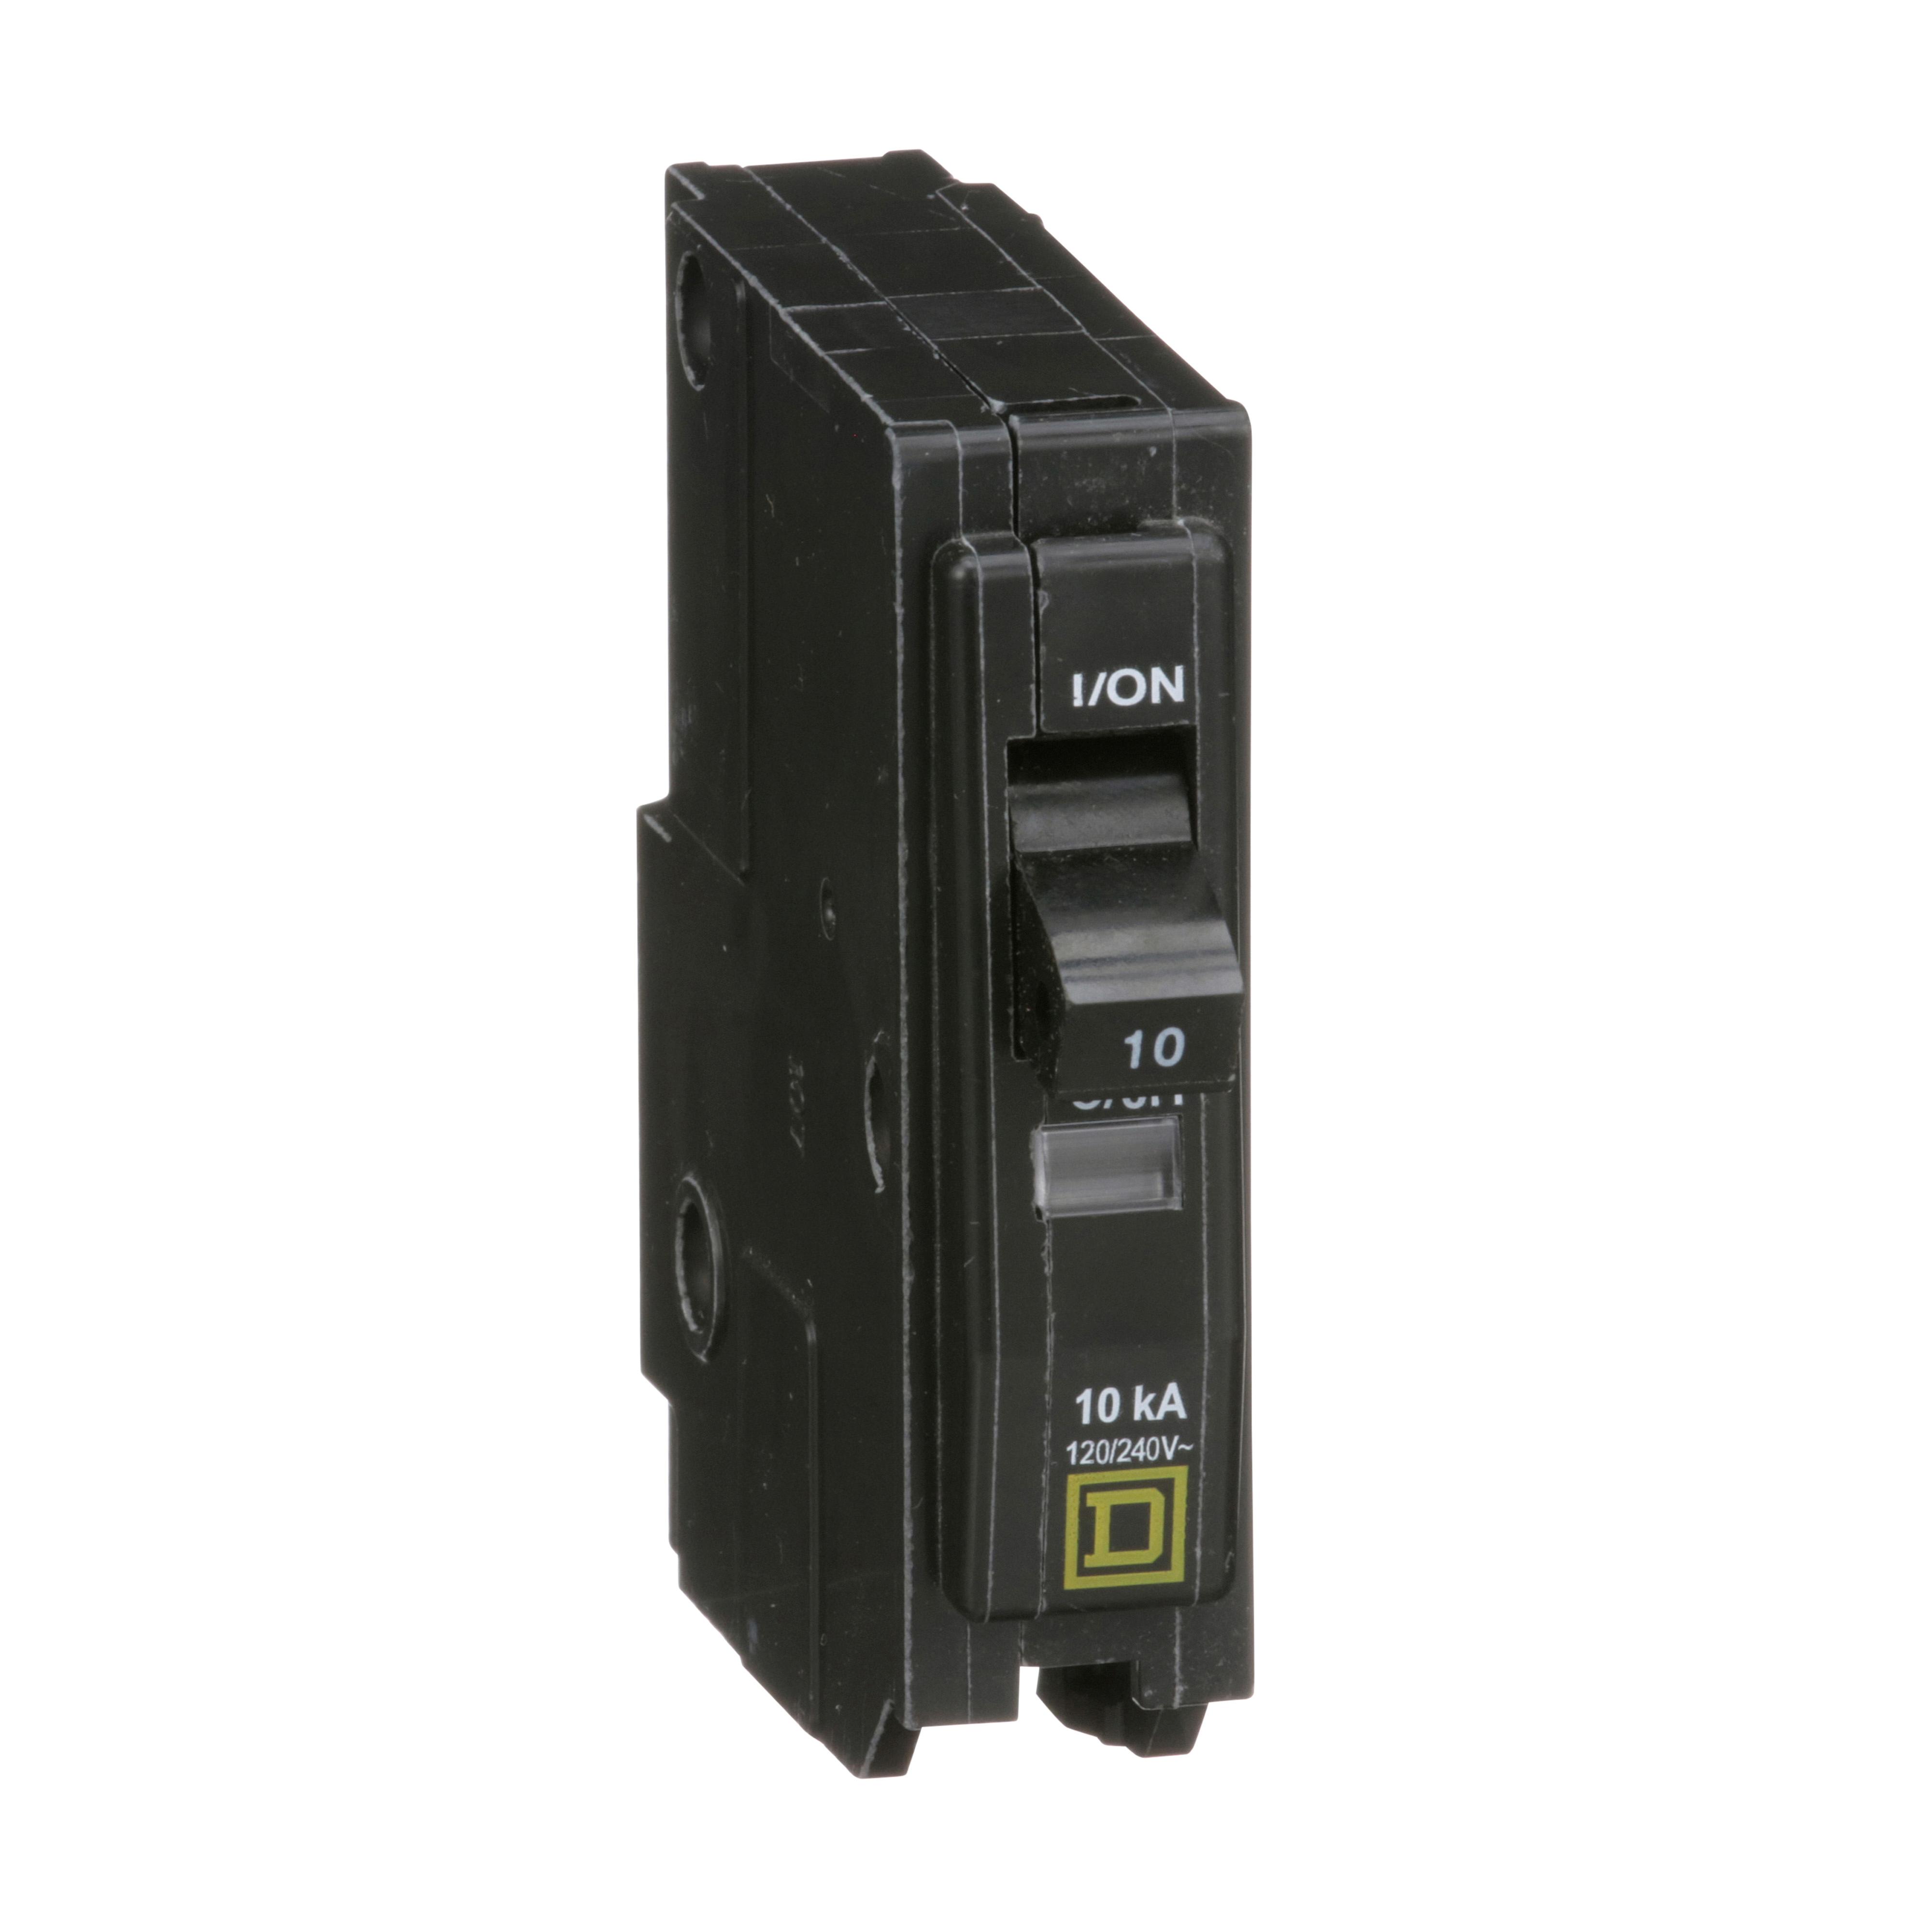 SQUARE D QO110 : MINIATURE CIRCUIT BREAKER 120/240V 10A